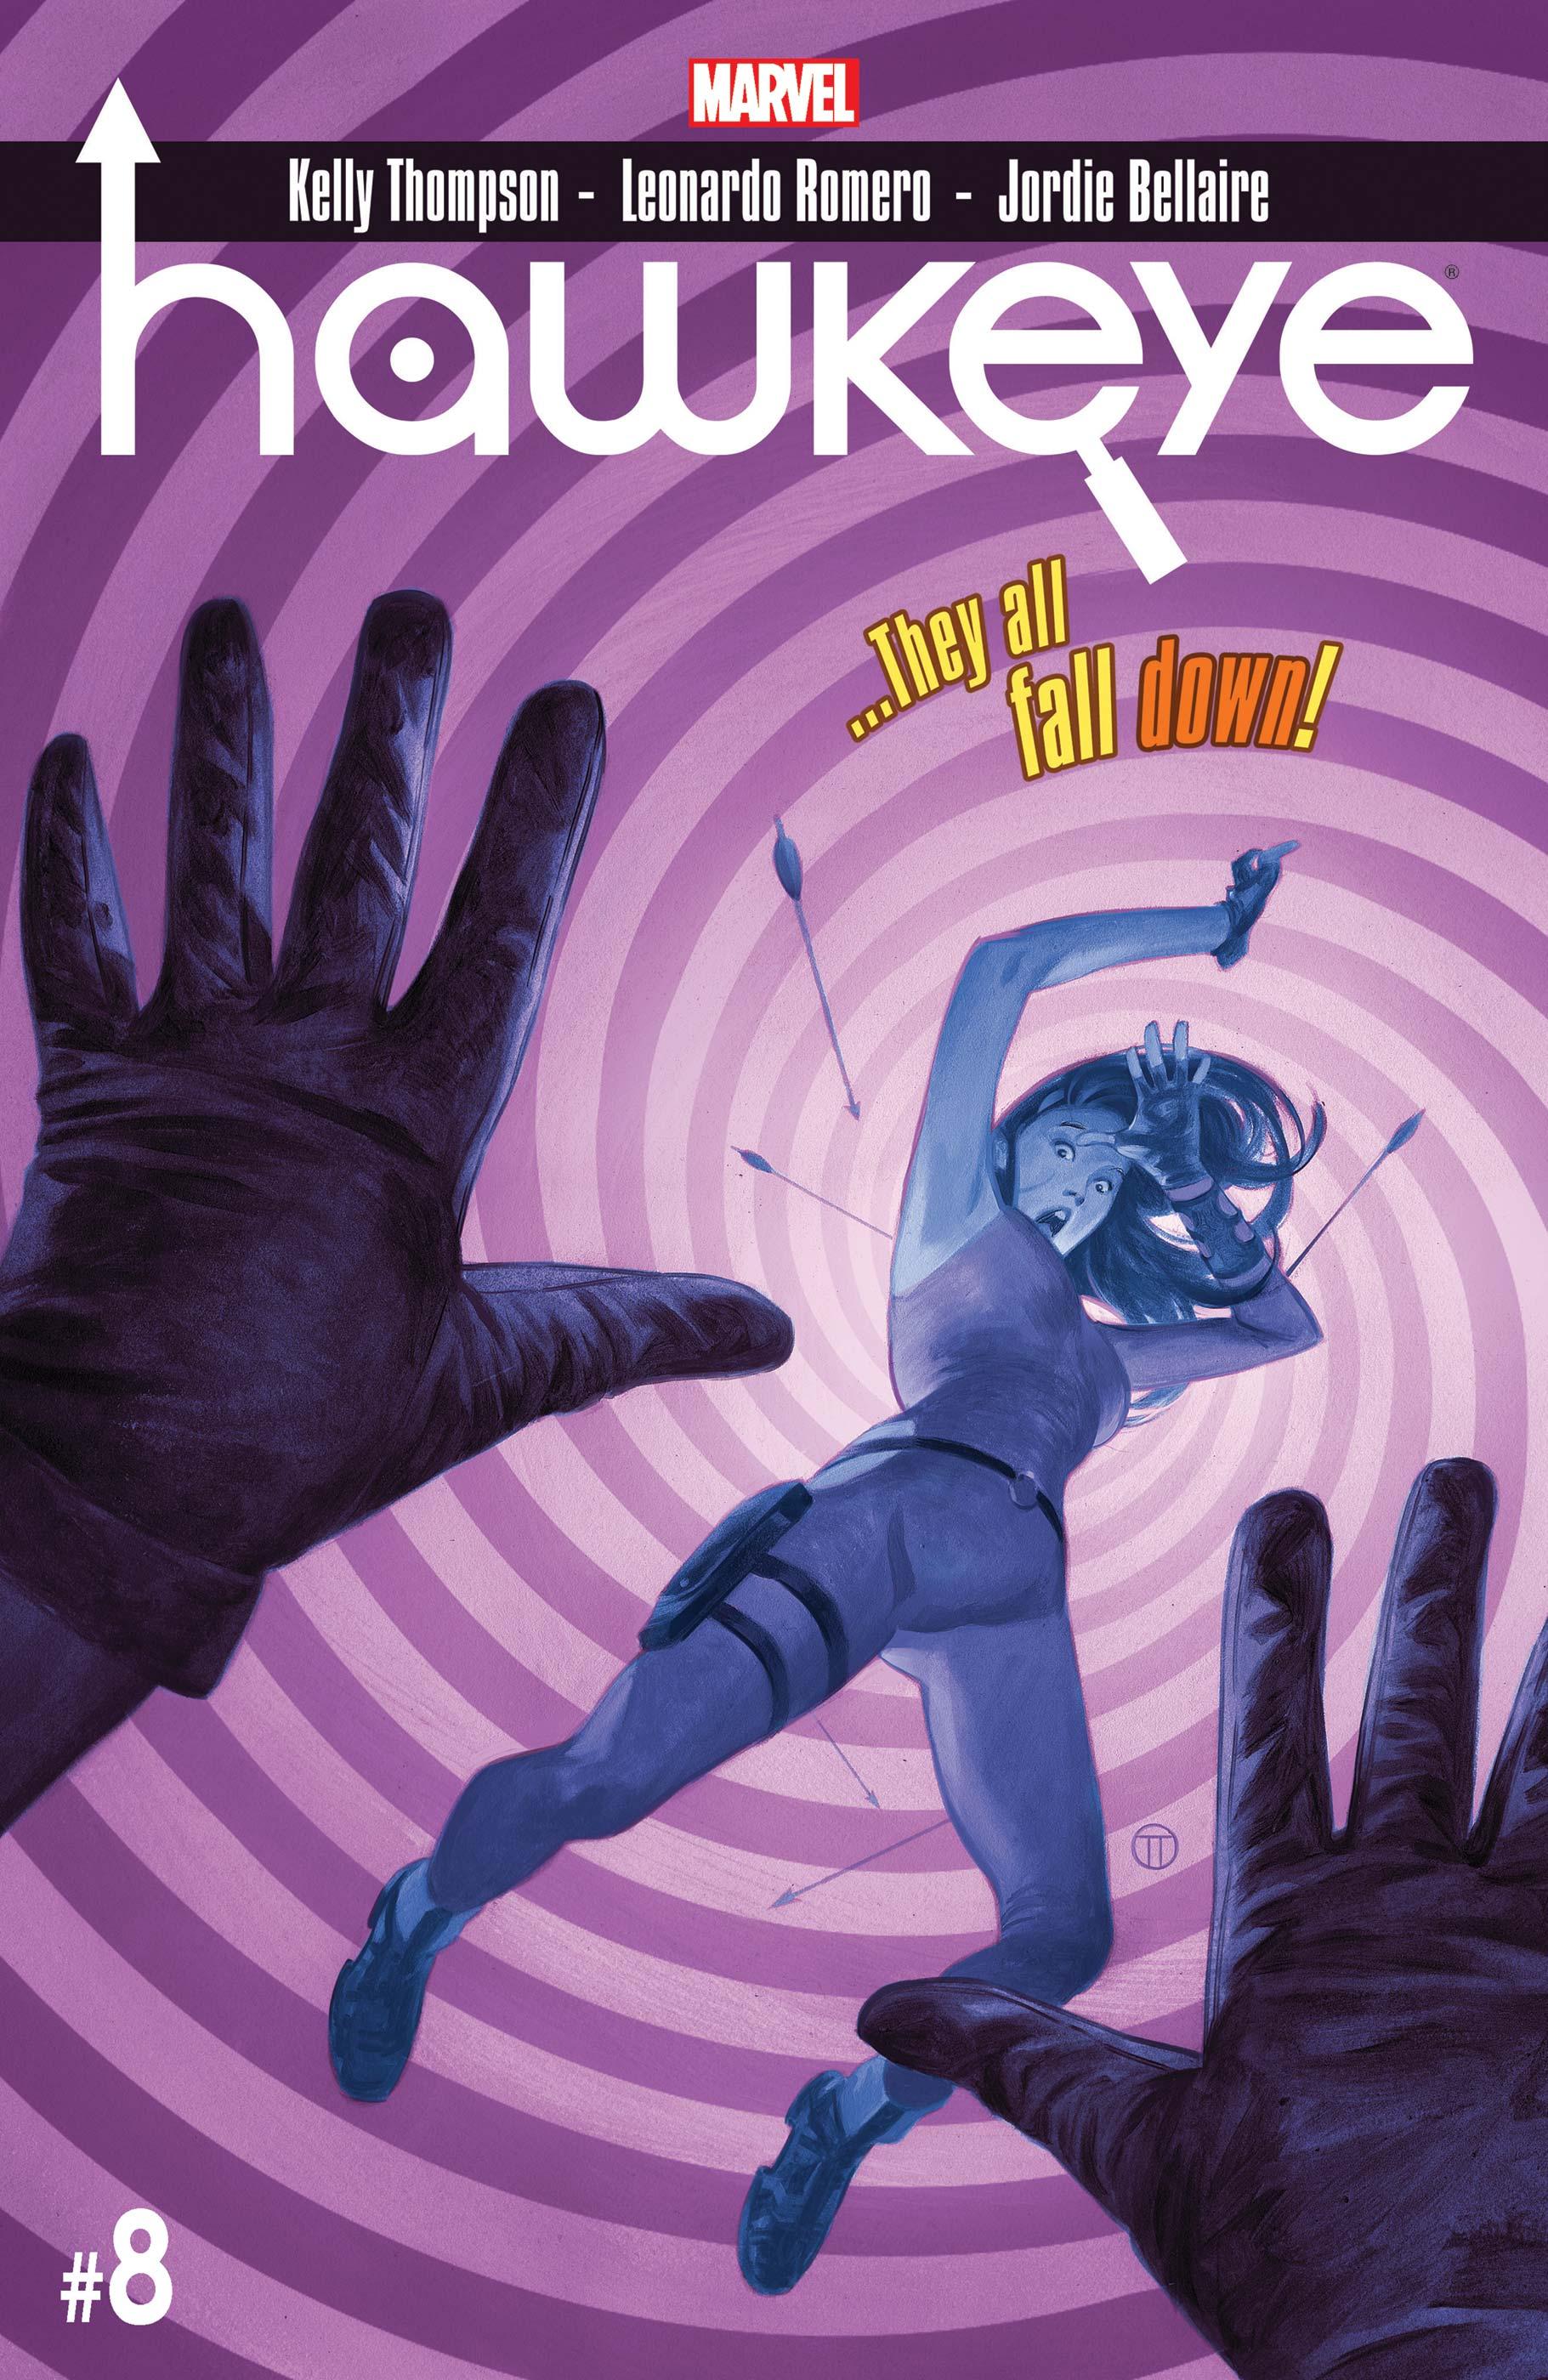 Hawkeye (2016) #8